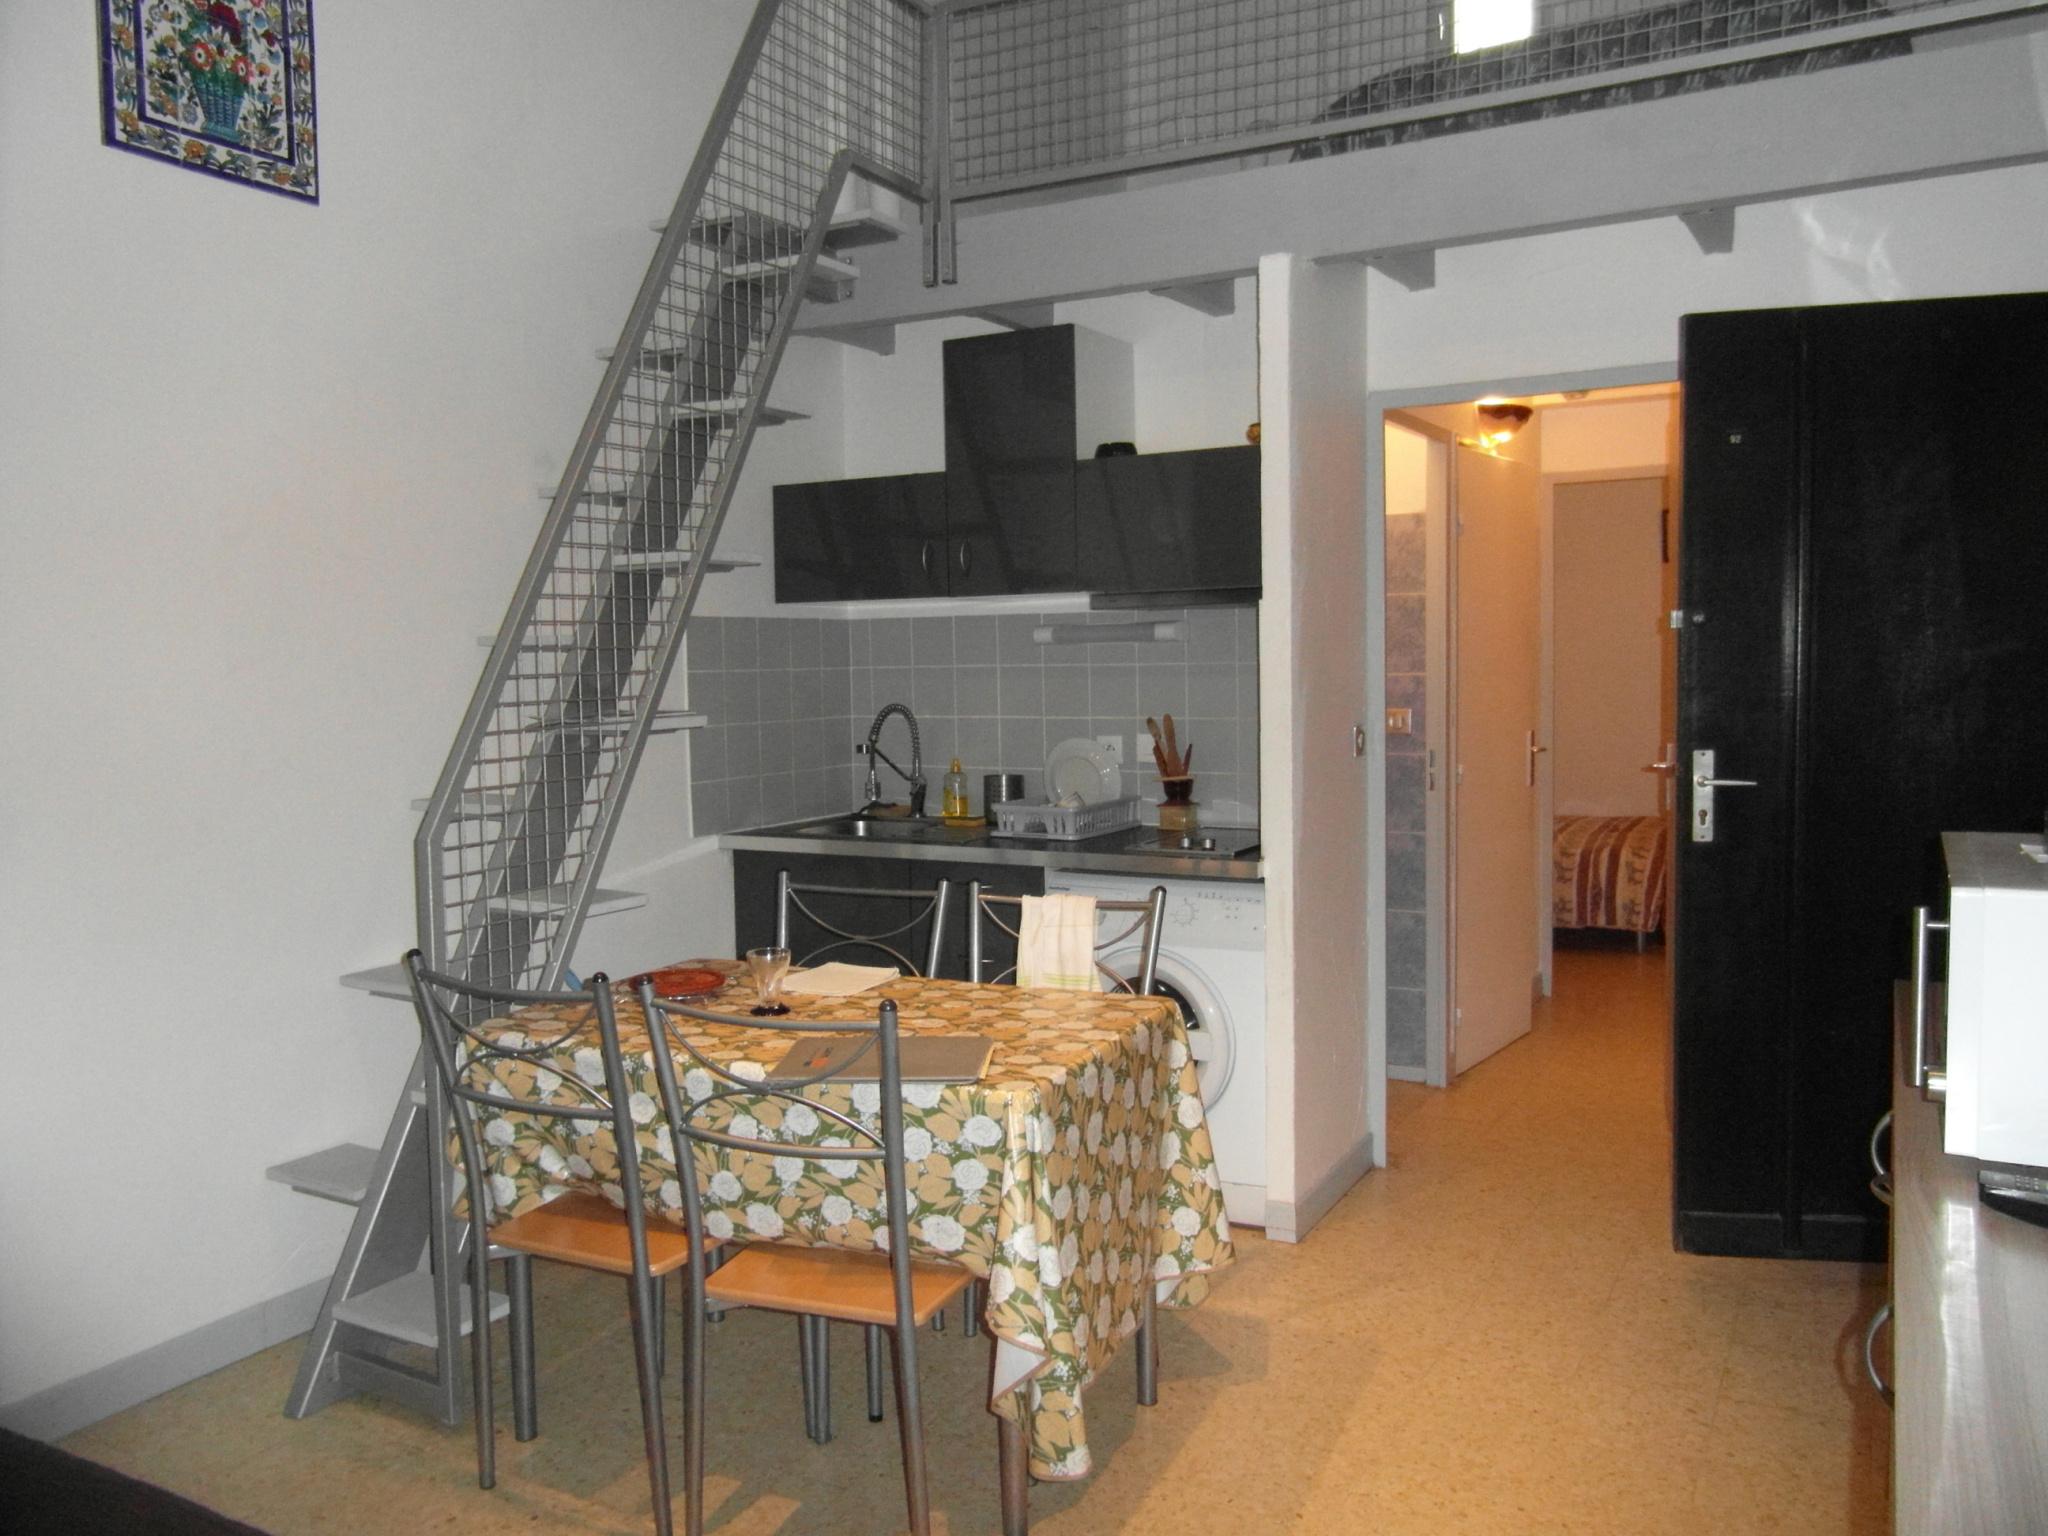 Vente appartement 3 pièces aigues mortes 30220